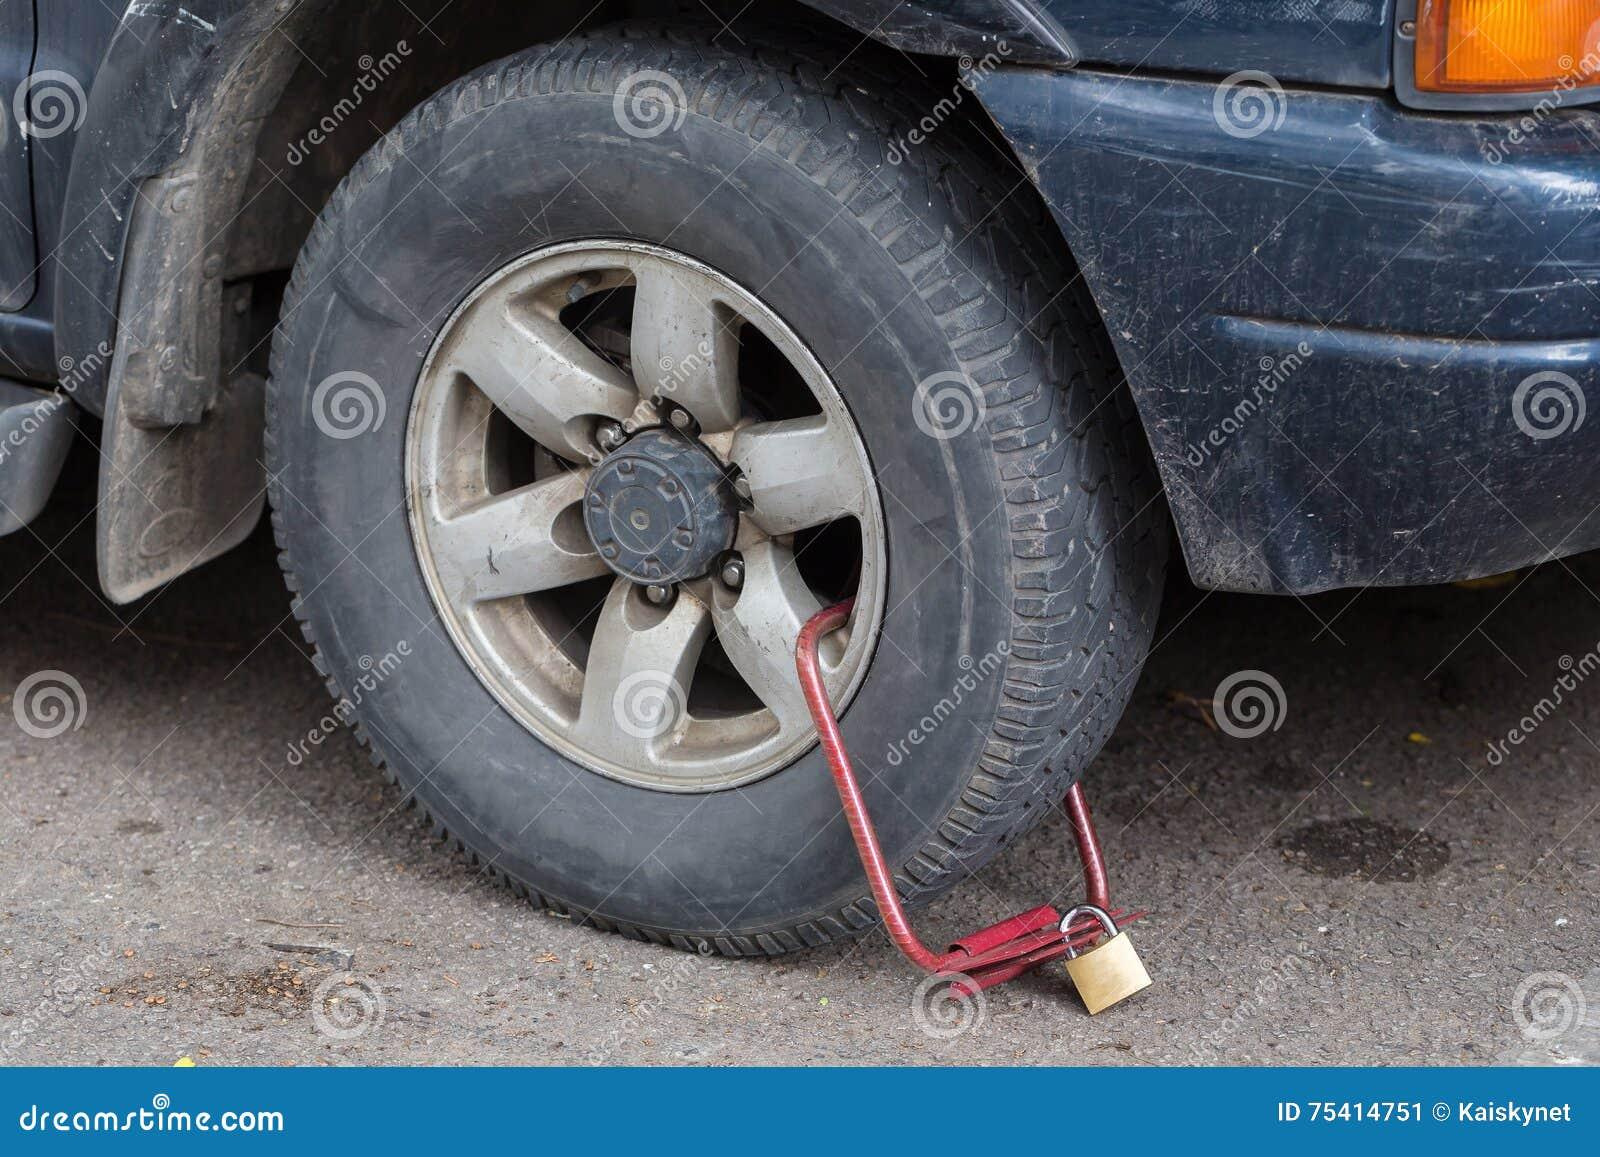 Roue avant maintenue de voiture illégalement garée